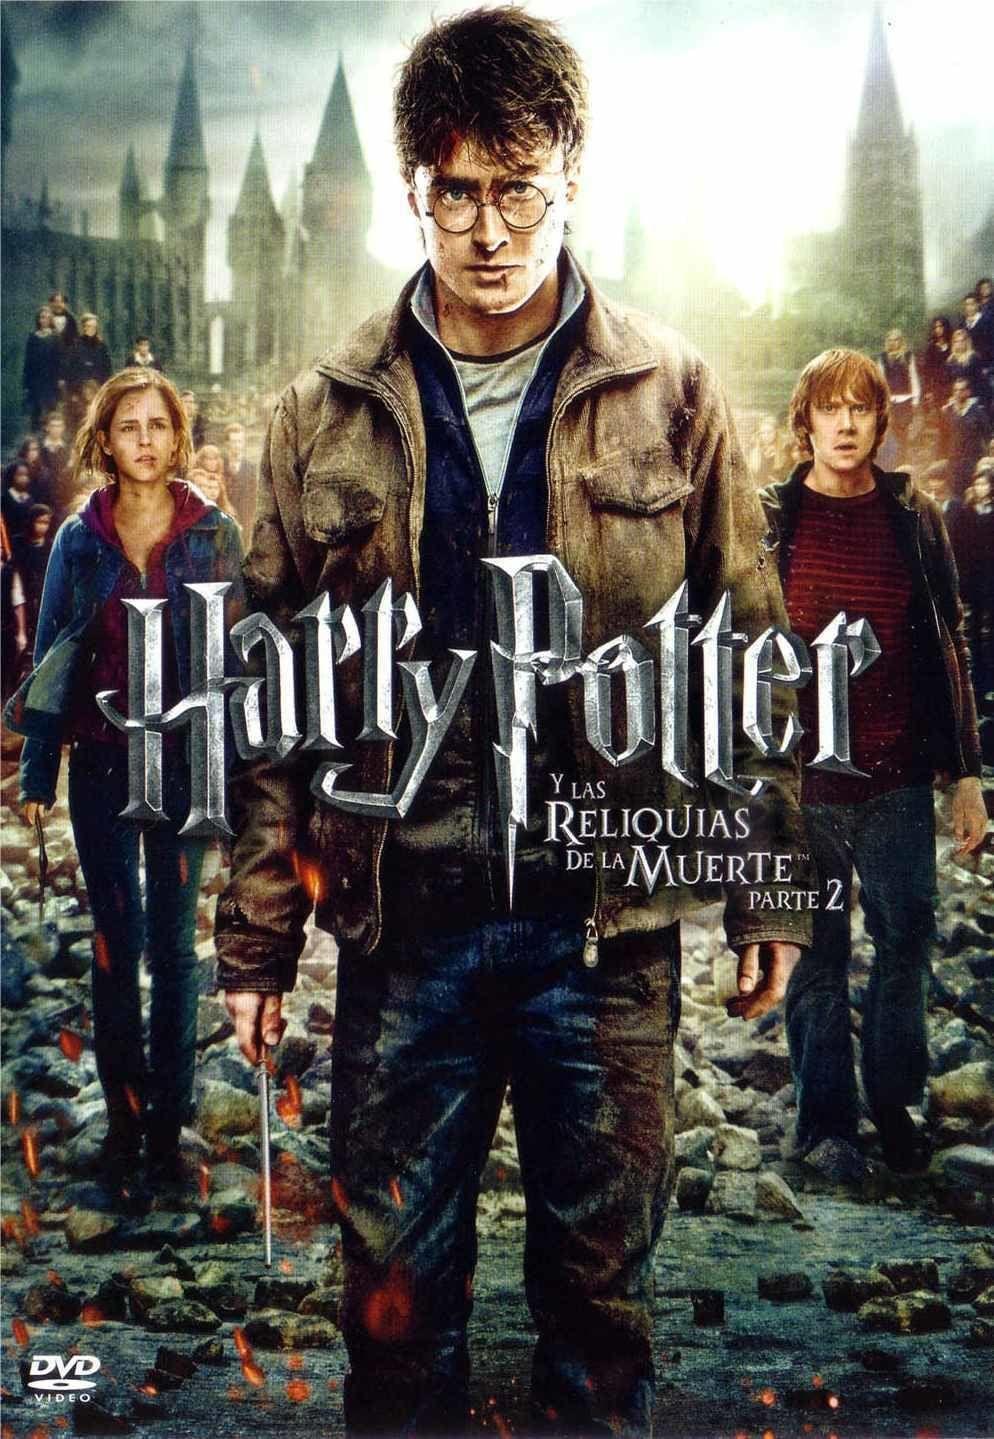 La Segunda Parte De La Batalla Final Entre Las Fuerzas Del Bien Y El Mal El Juego Nunc Libros De Harry Potter Películas De Harry Potter Reliquias De La Muerte